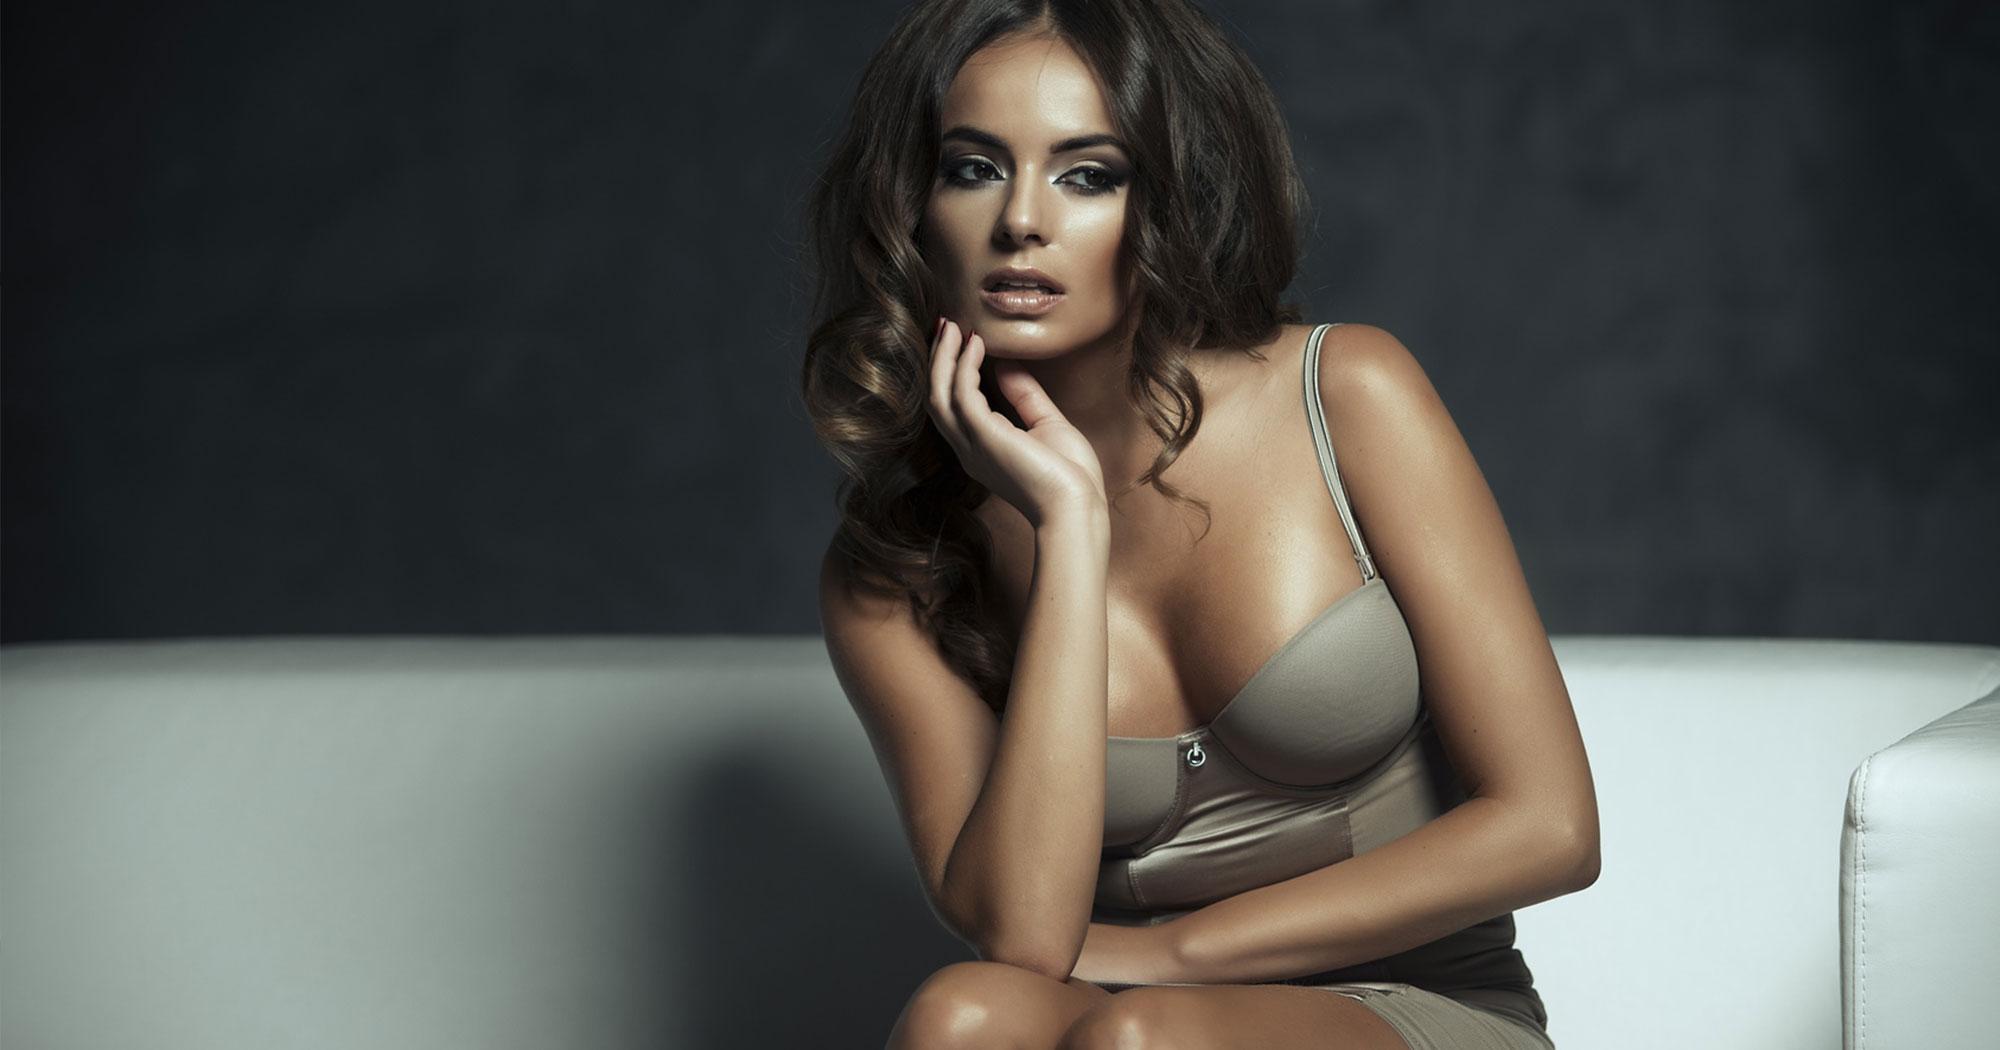 Brustvergrößerung Schönheitschirurgie